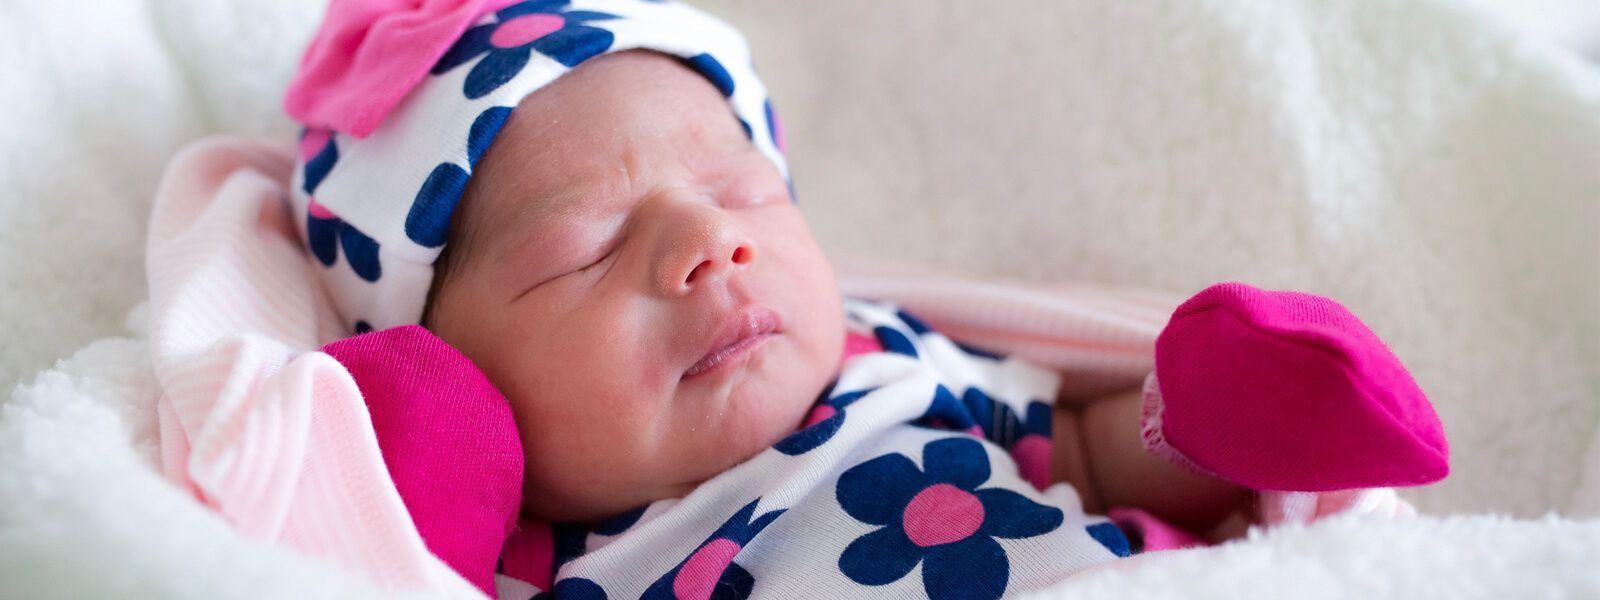 bb_2, first baby born at Hospital CMQ Riviera Nayarit